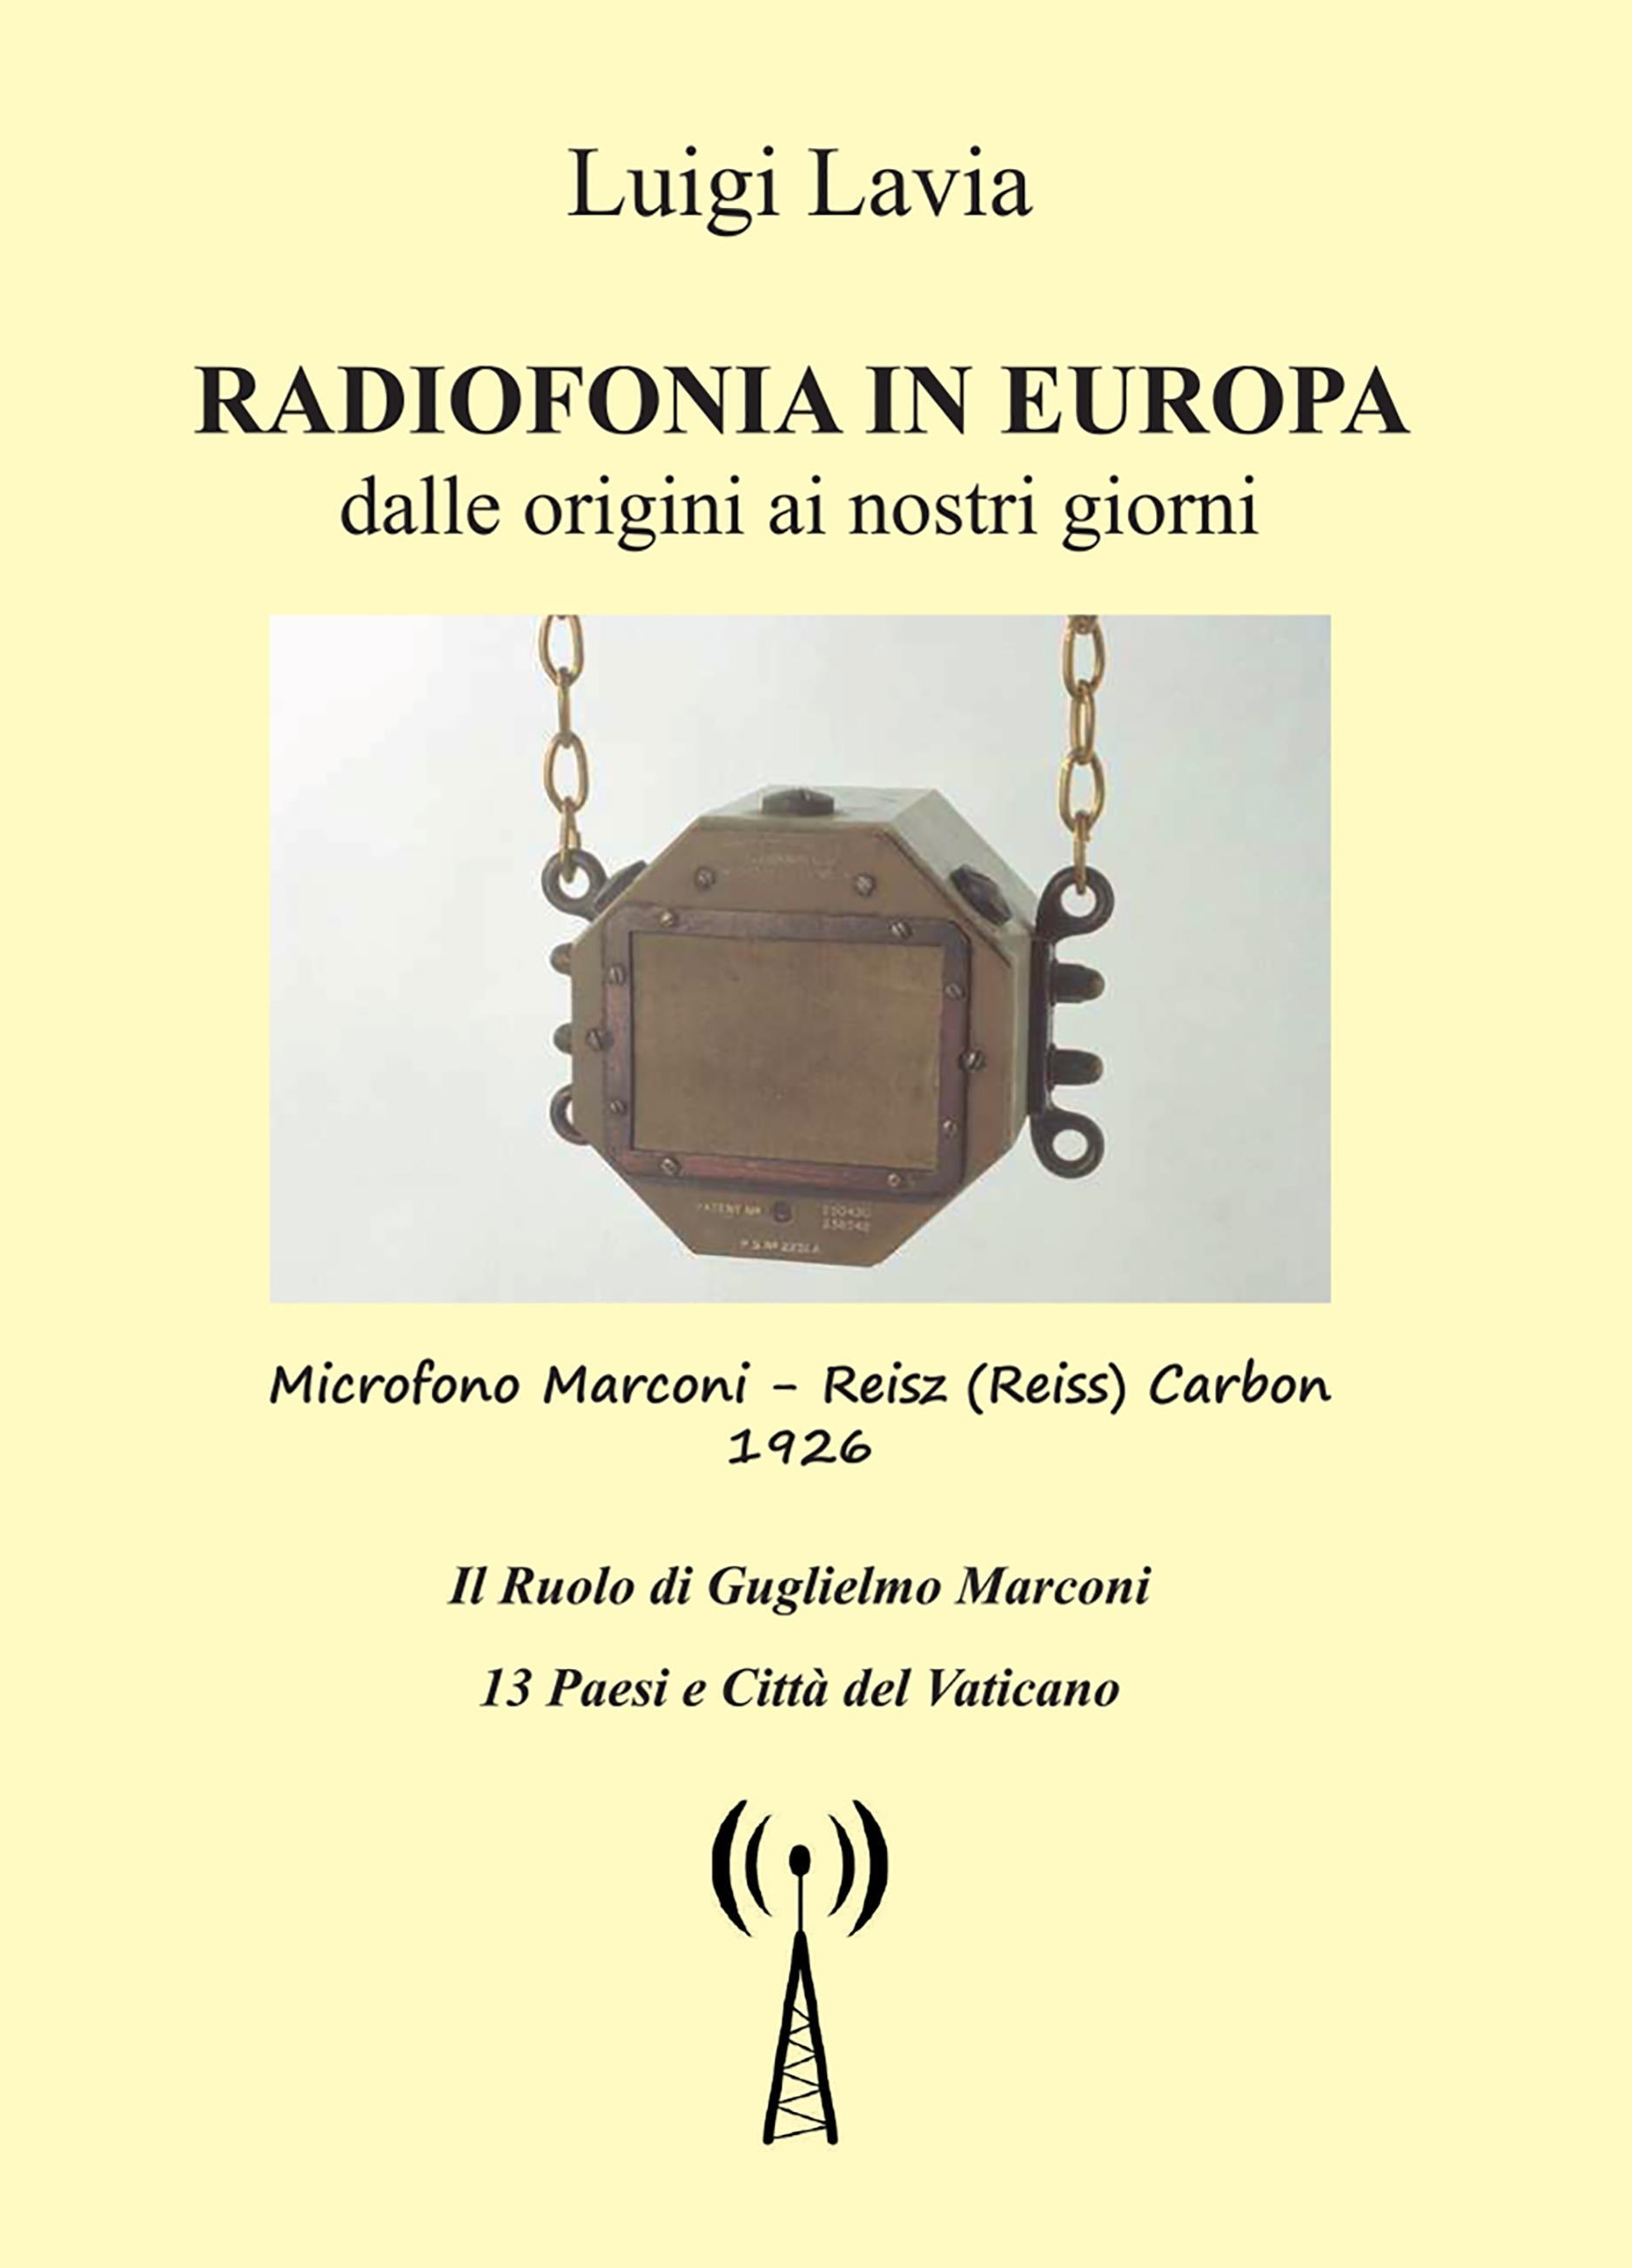 Radiofonia in Europa dalla origini ai nostri tempi